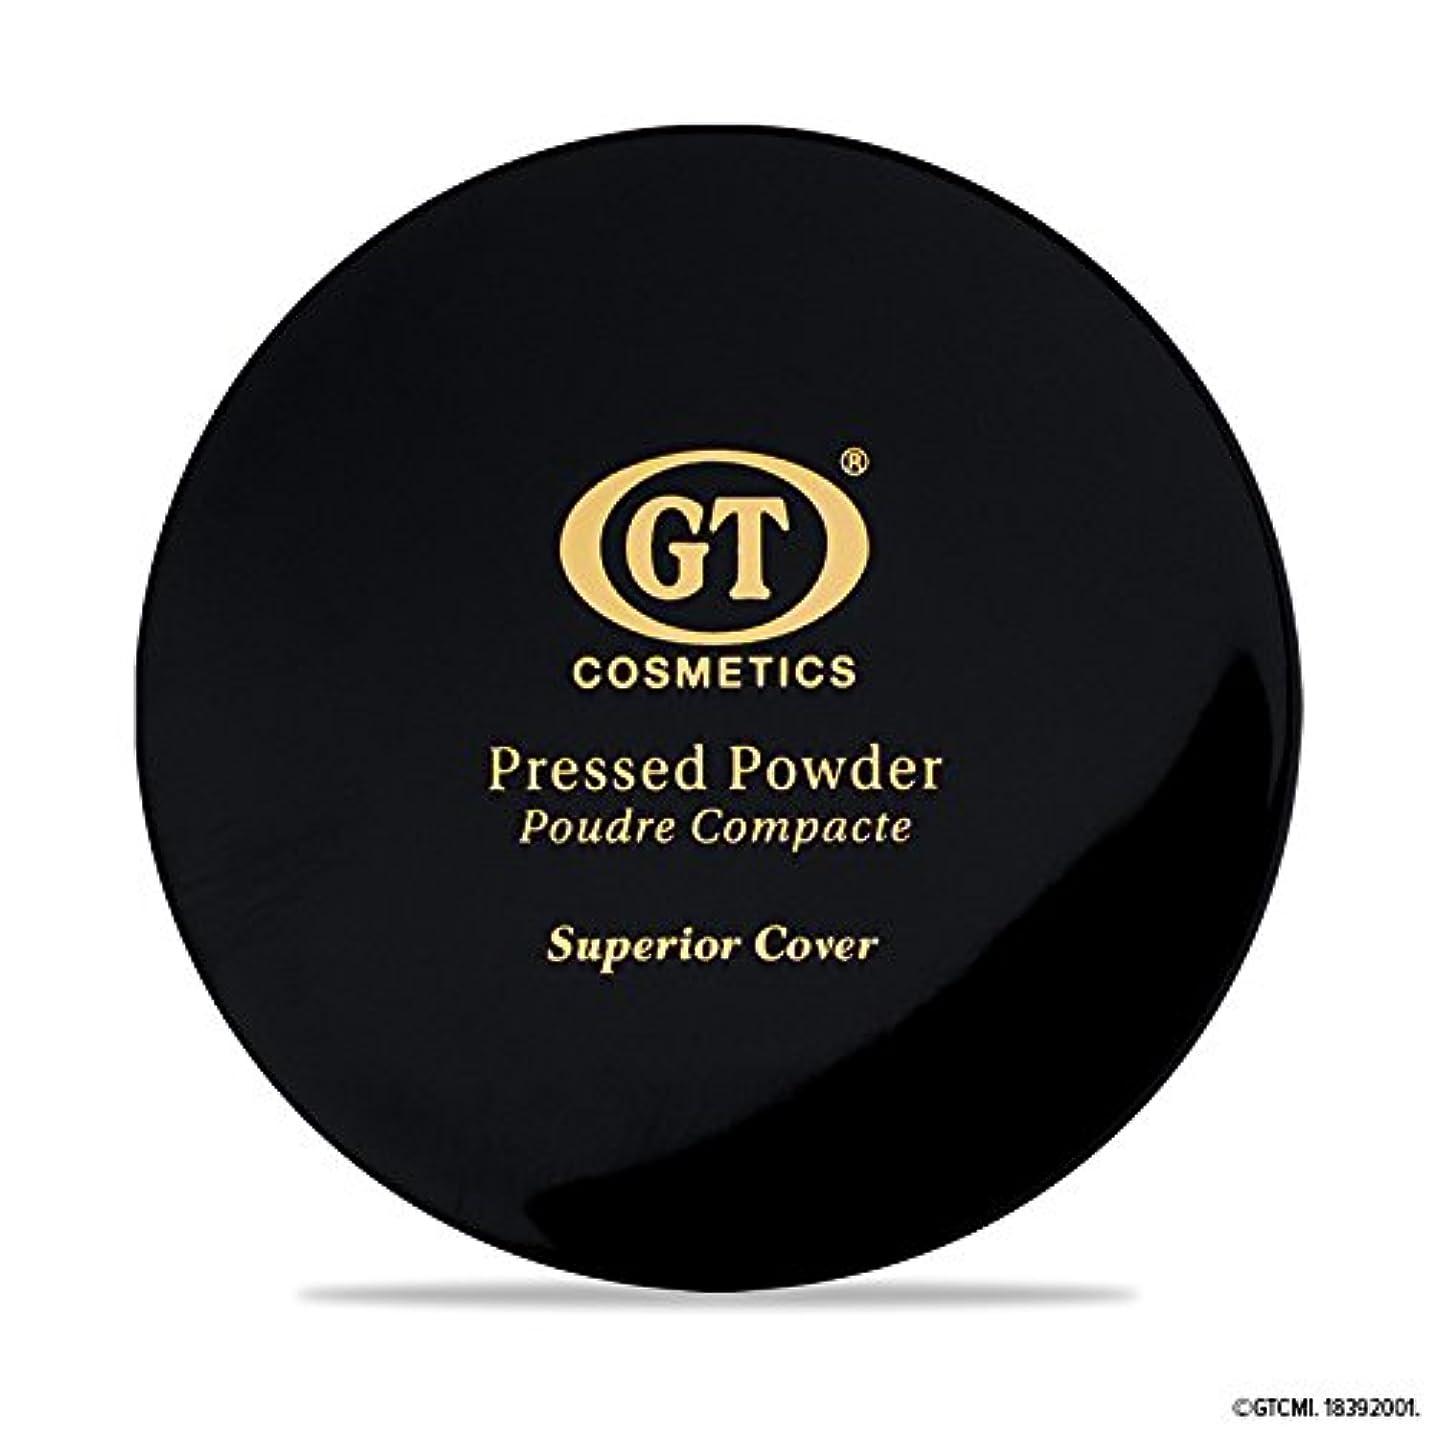 ハンドブッククリーク成長GTpressed powder ライトベージュ SPF20 正規輸入代理店 日本初上陸 コスメティック オーガニック ファンデーション